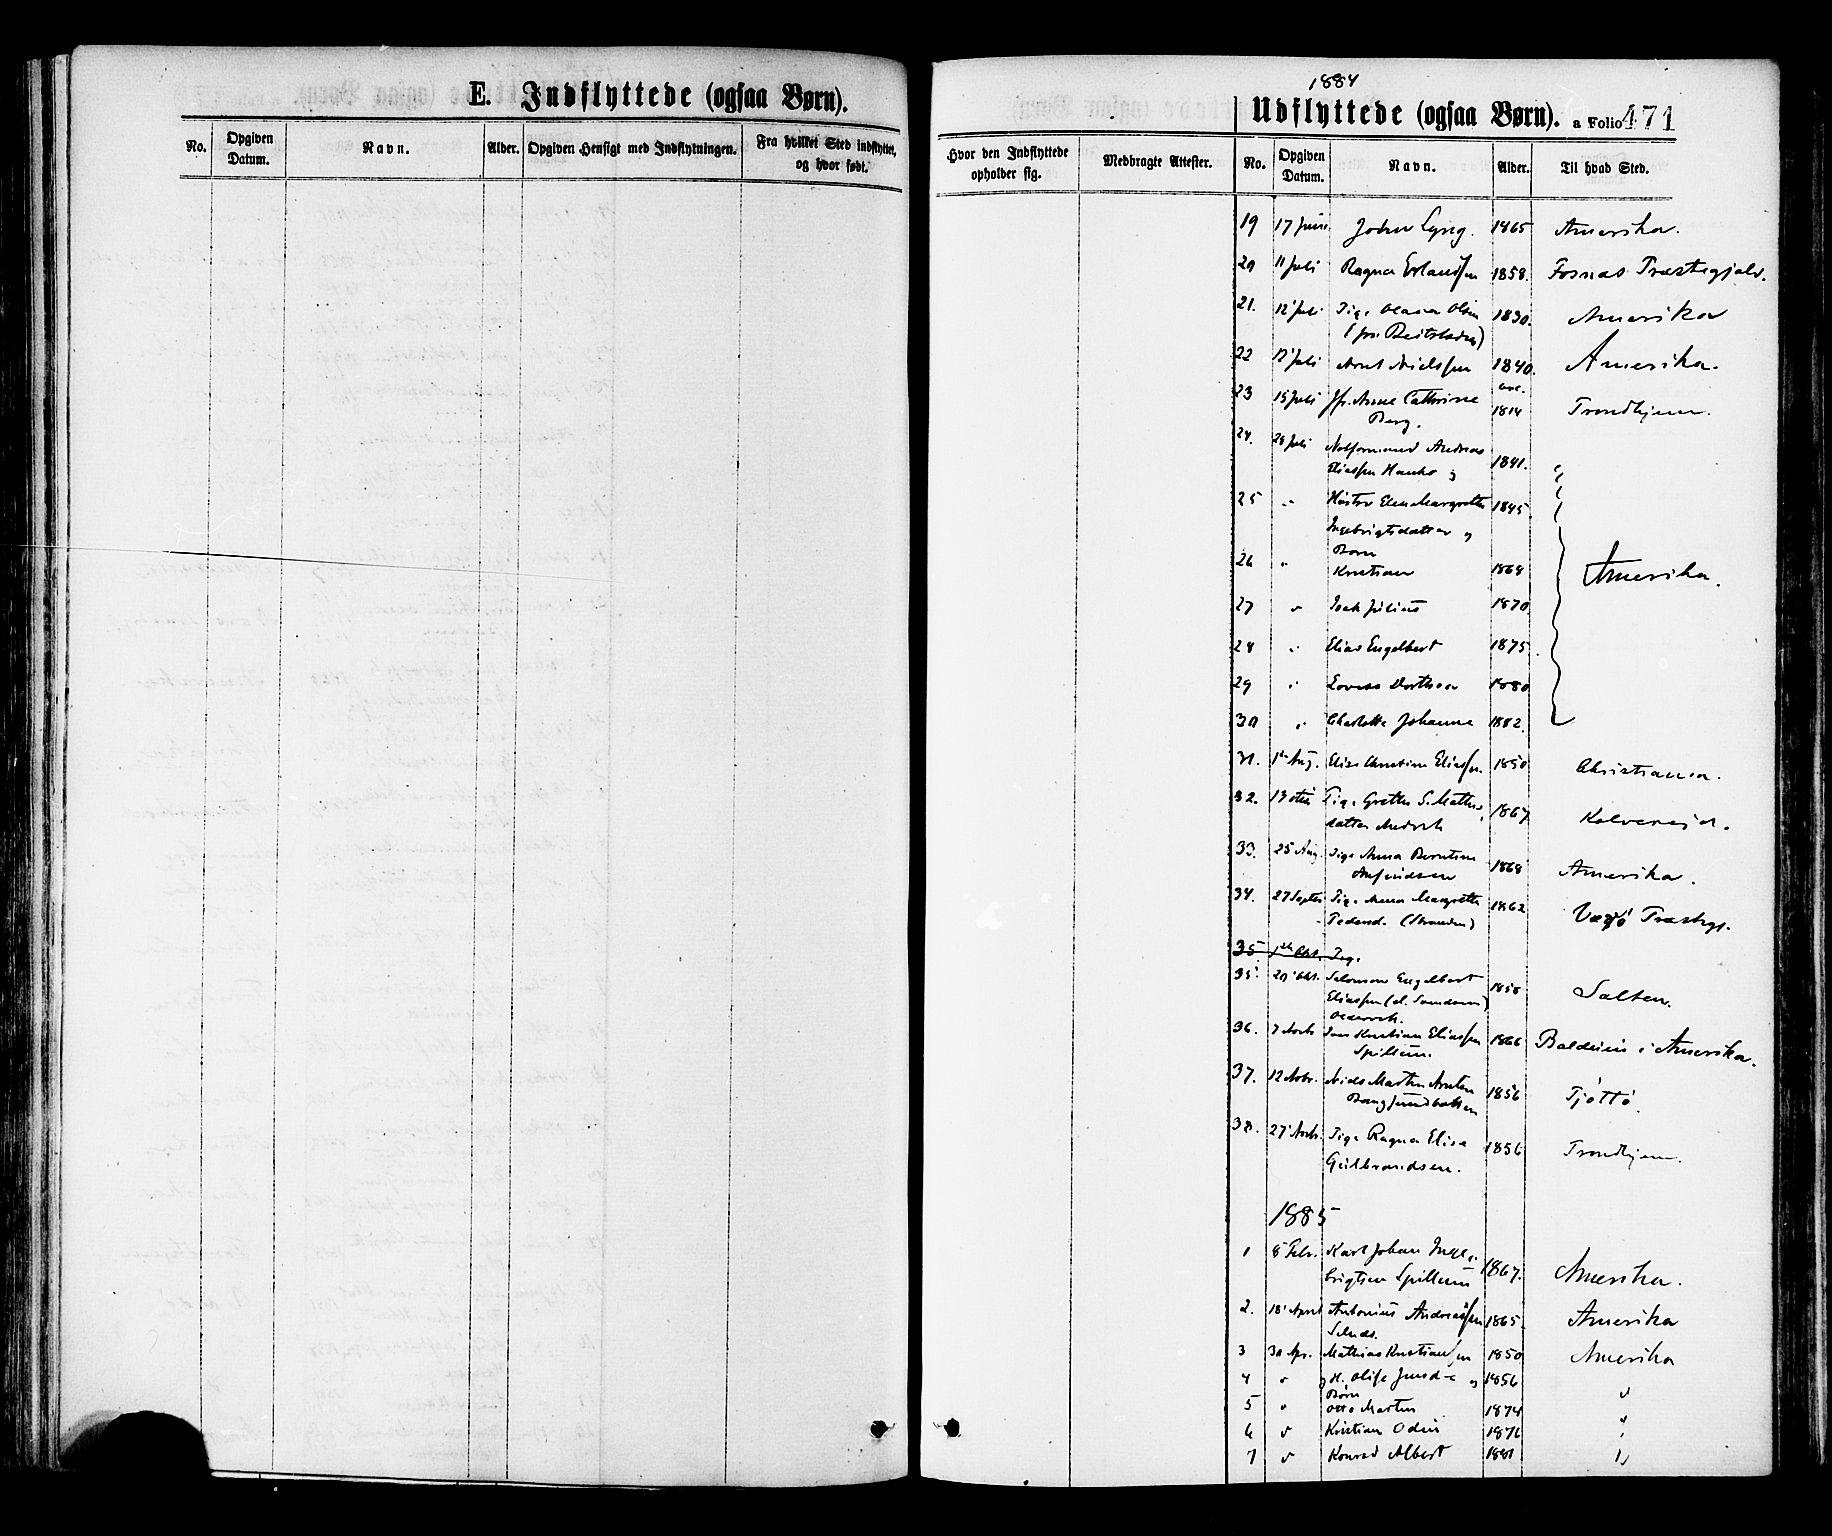 SAT, Ministerialprotokoller, klokkerbøker og fødselsregistre - Nord-Trøndelag, 768/L0572: Ministerialbok nr. 768A07, 1874-1886, s. 471